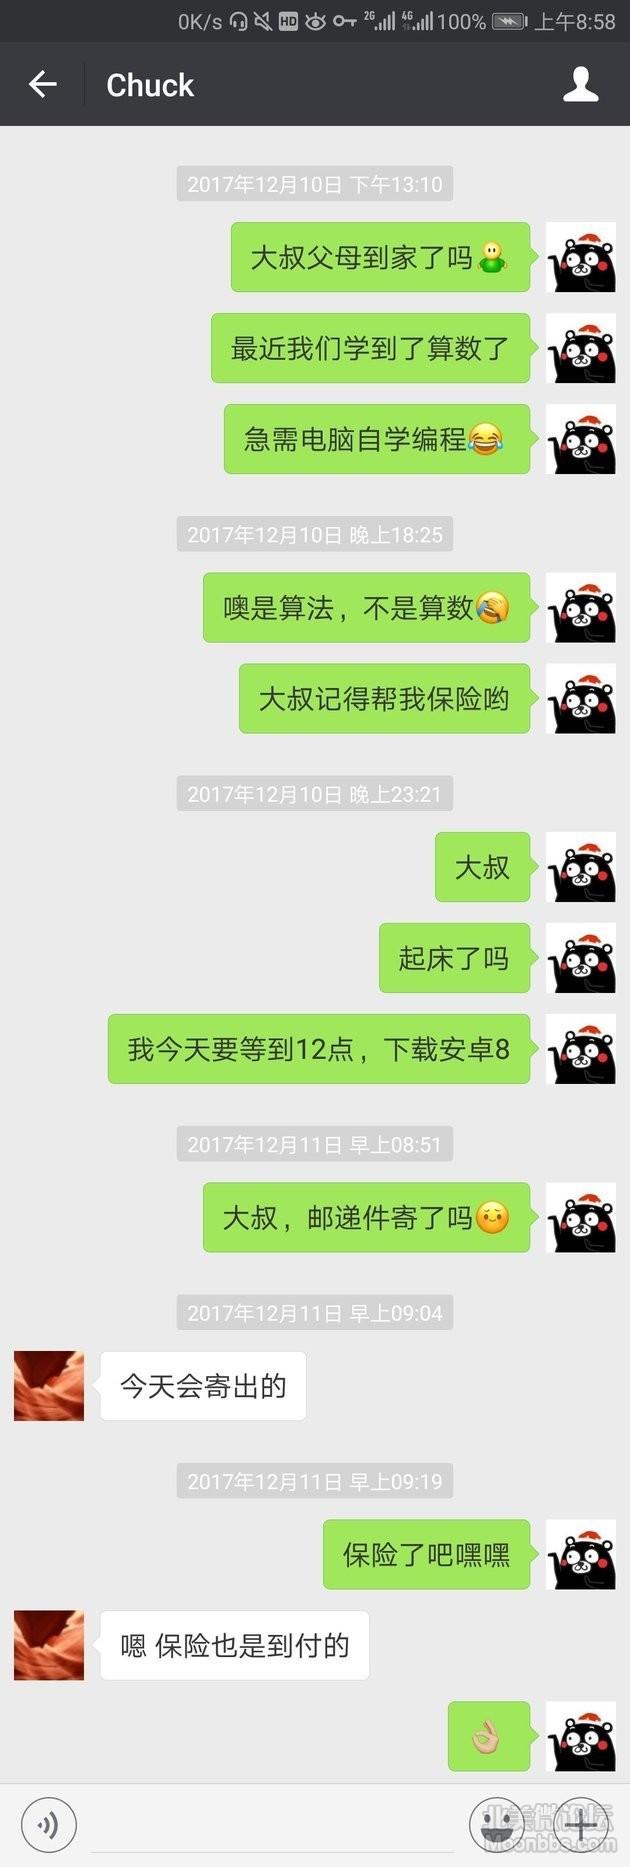 Screenshot_2018-01-12-08-58-00.jpg